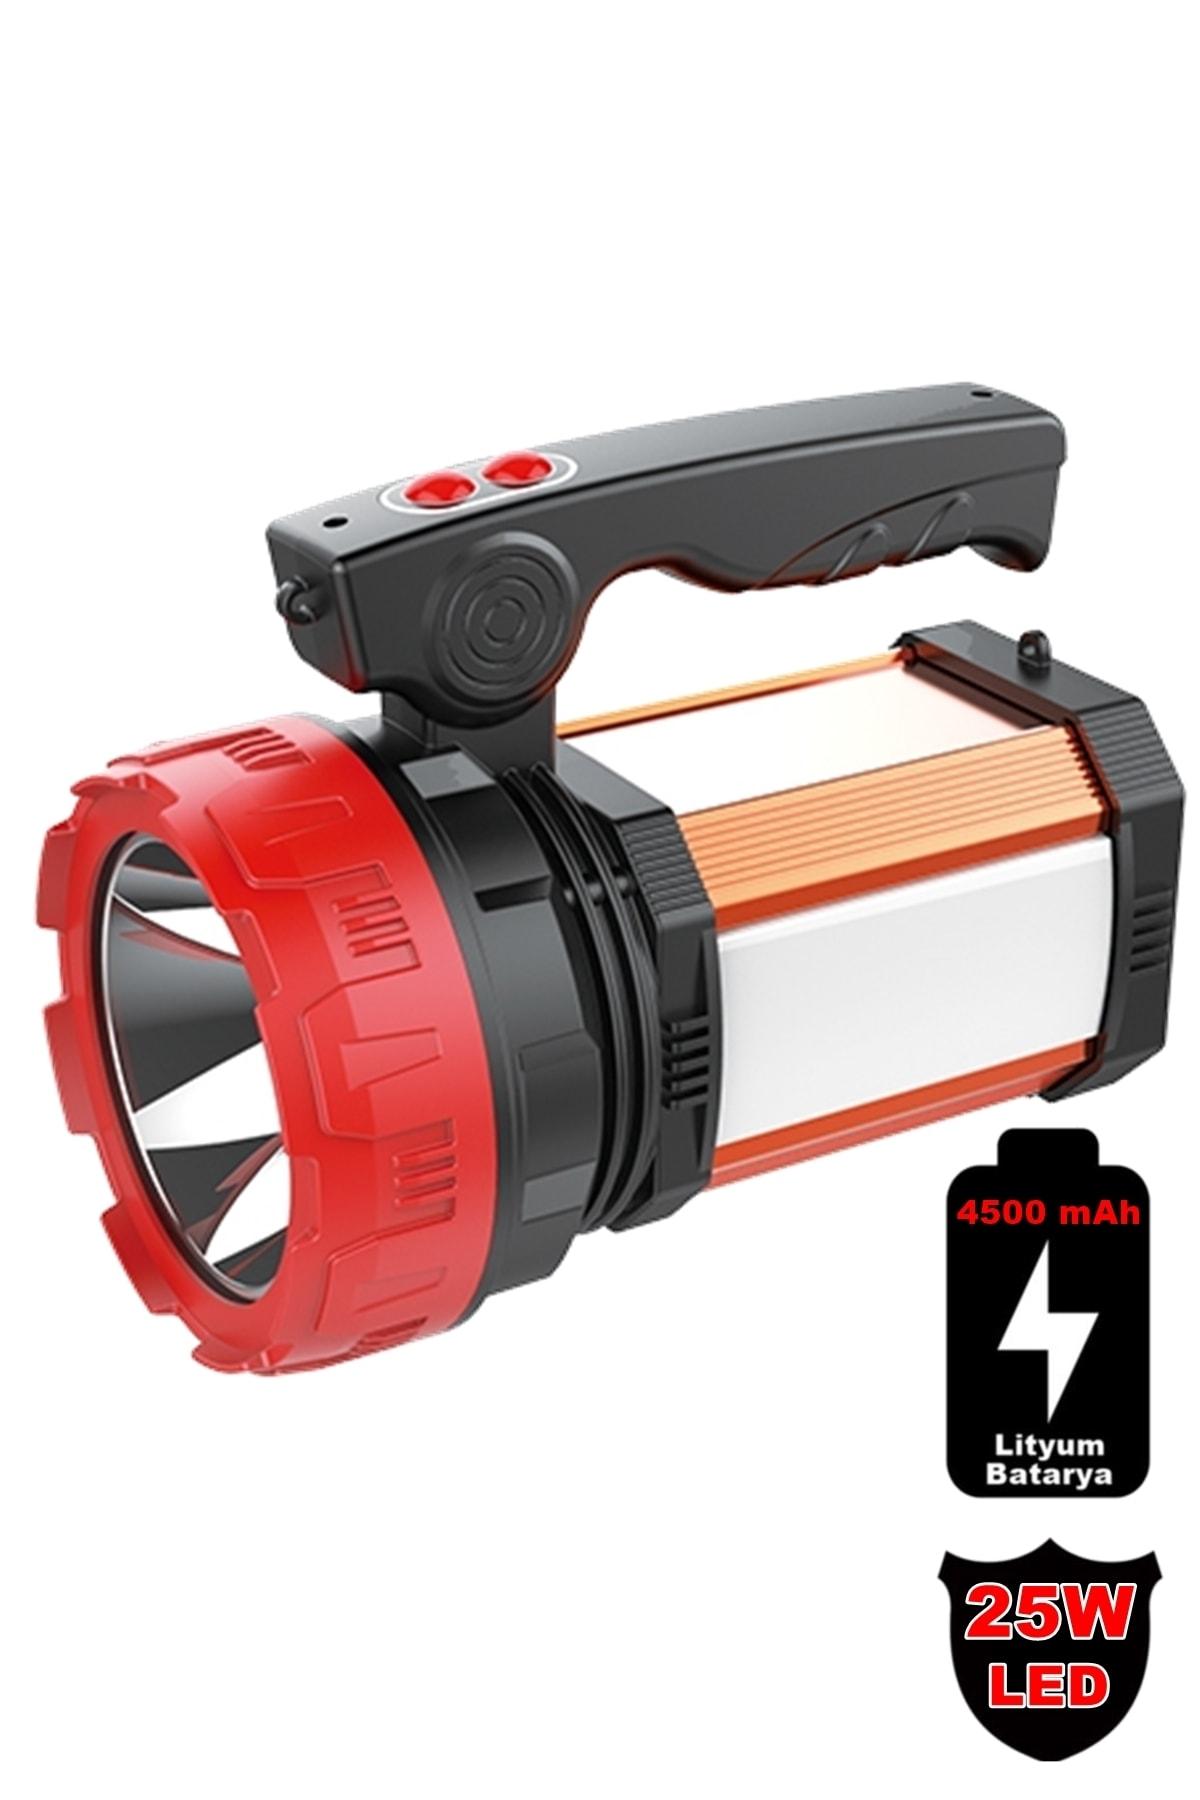 yopigo 8100-yp 25w Ultra Güçlü Şarjlı El Feneri Projektör Sos+powerbank+usb Çıkış+25w Yan Aydınlatma 1